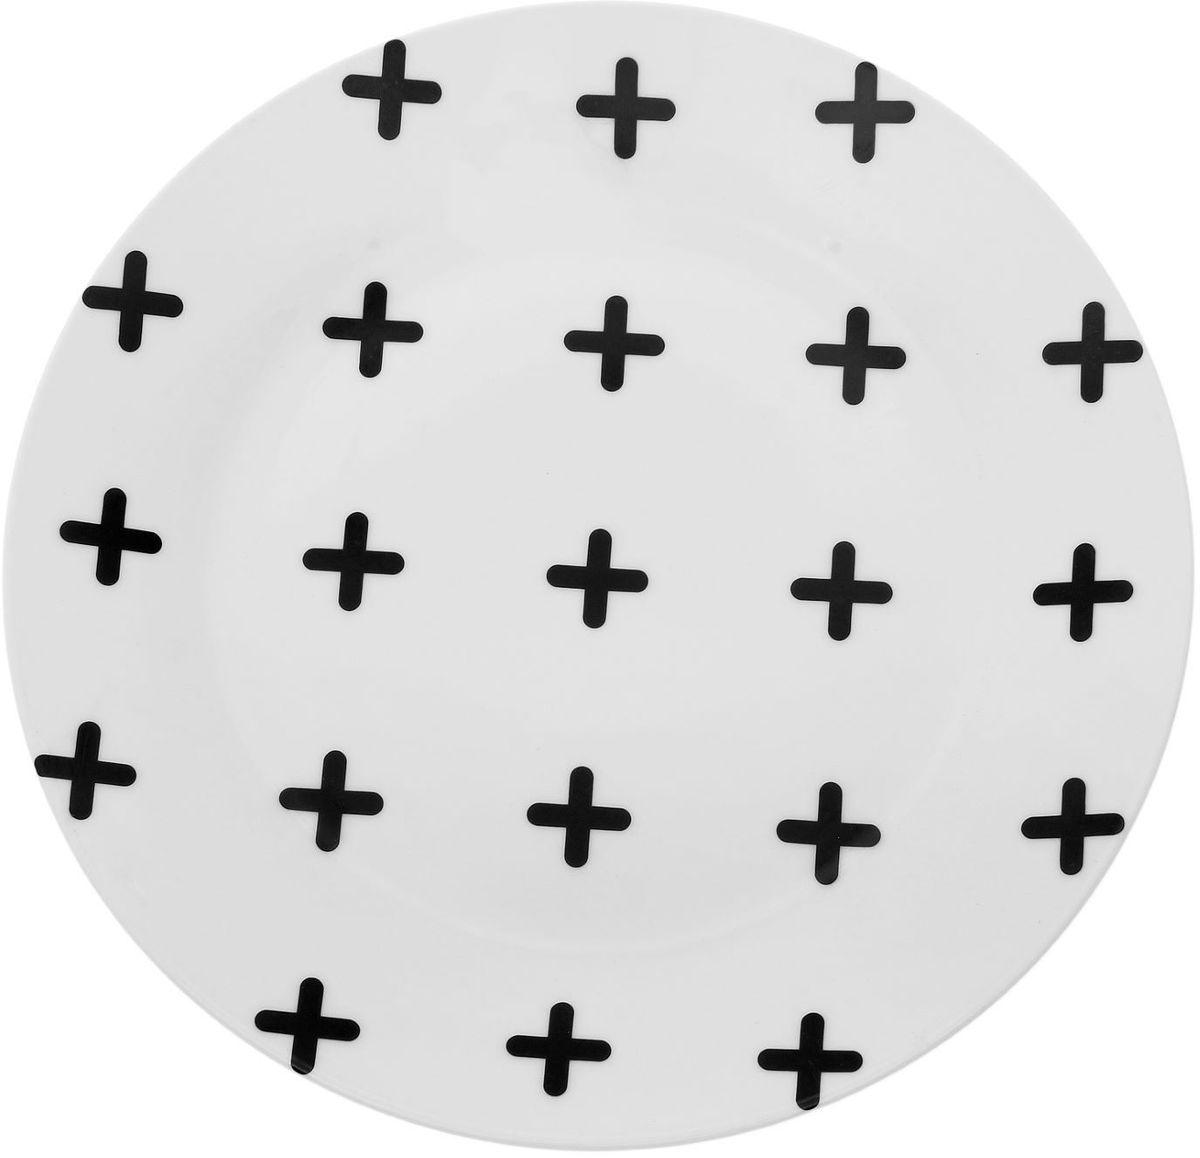 Тарелка Сотвори чудо My Little Cross, диаметр 23 см1661827Хотите обновить интерьер кухни или гостиной? Устраиваете необычную фотосессию или тематический праздник? А может, просто ищете подарок для близкого человека? Посуда « Сотвори Чудо» — правильный выбор в любой ситуации. Её достоинства: изящный фаянс нежного сливочного цвета; стойкость краски; пригодность для посудомоечных машин.